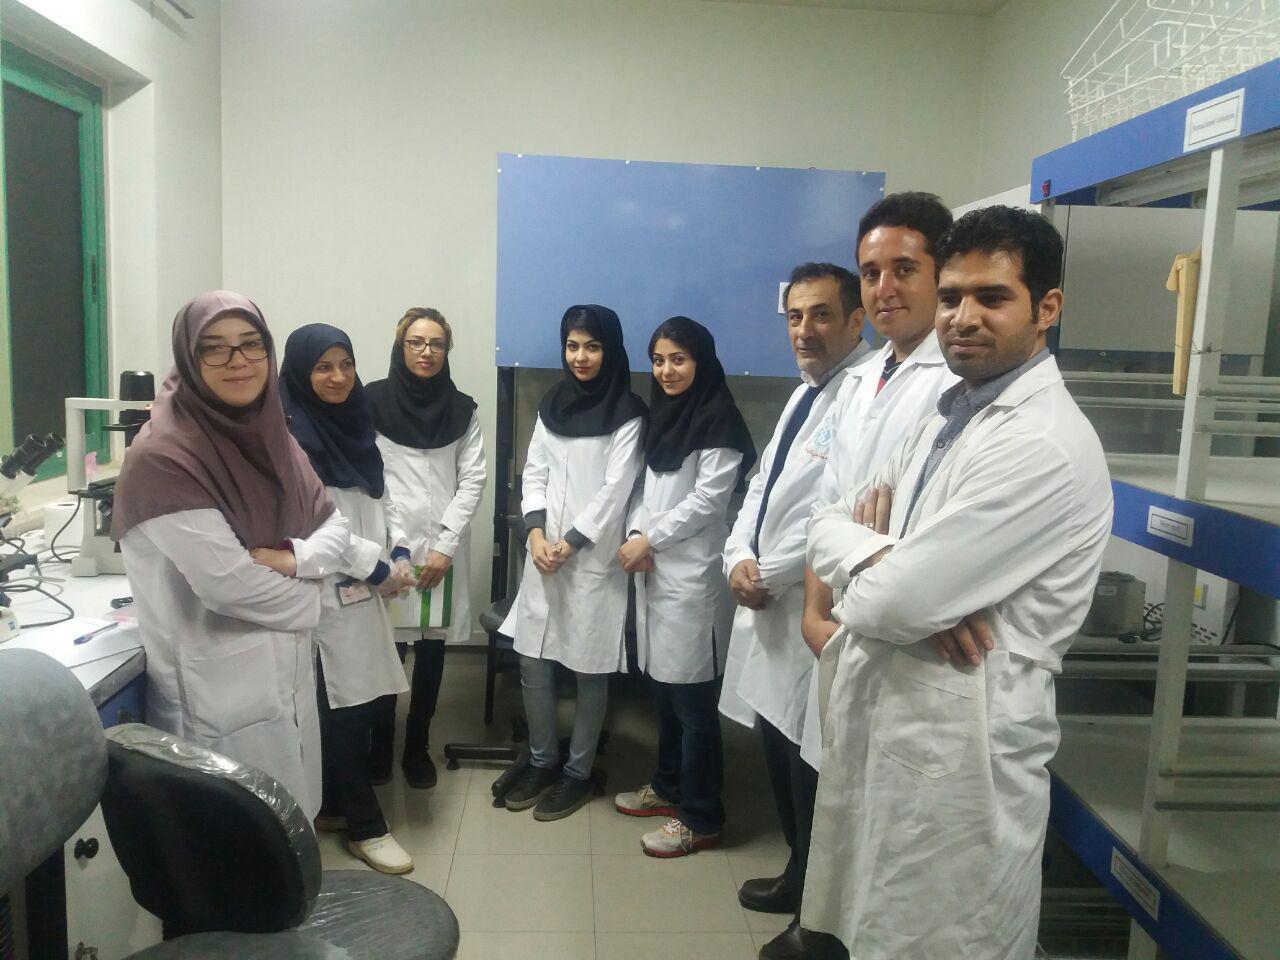 کارگاه آموزشی بررسی سمیت سلولی ترکیبات موثر گیاهی بر سلولهای سرطانی برگزار شد